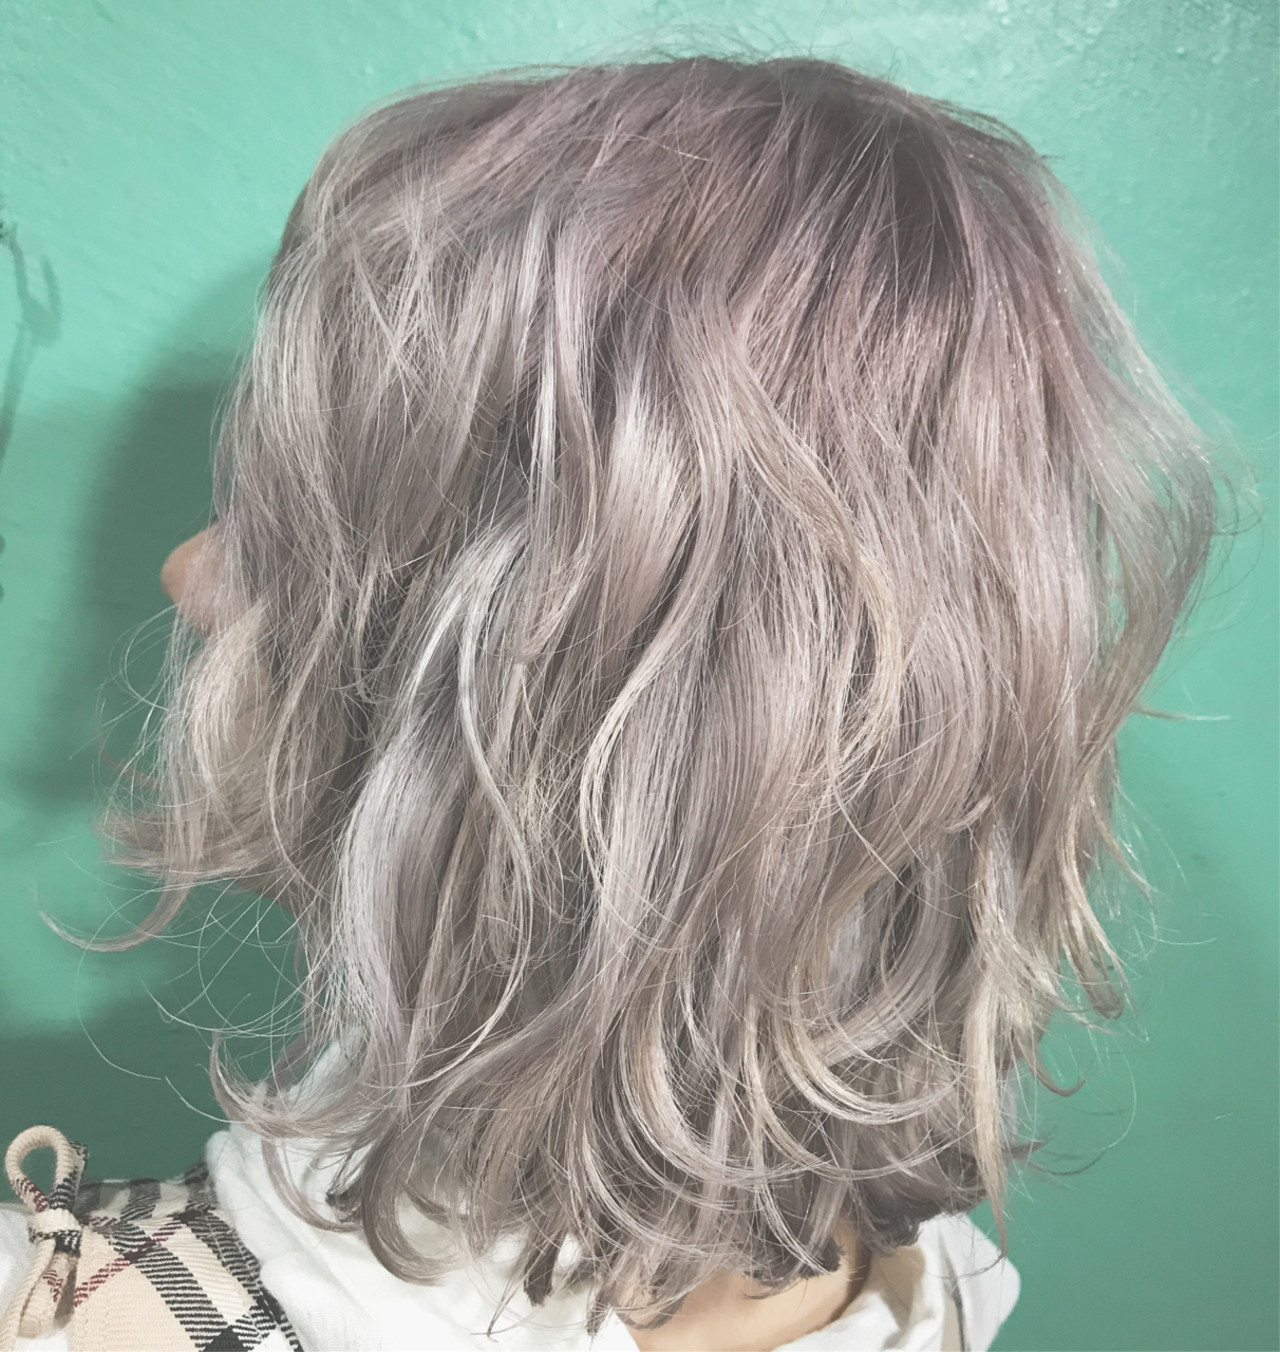 簡単ヘアアレンジ ハイライト ミディアム ブリーチヘアスタイルや髪型の写真・画像